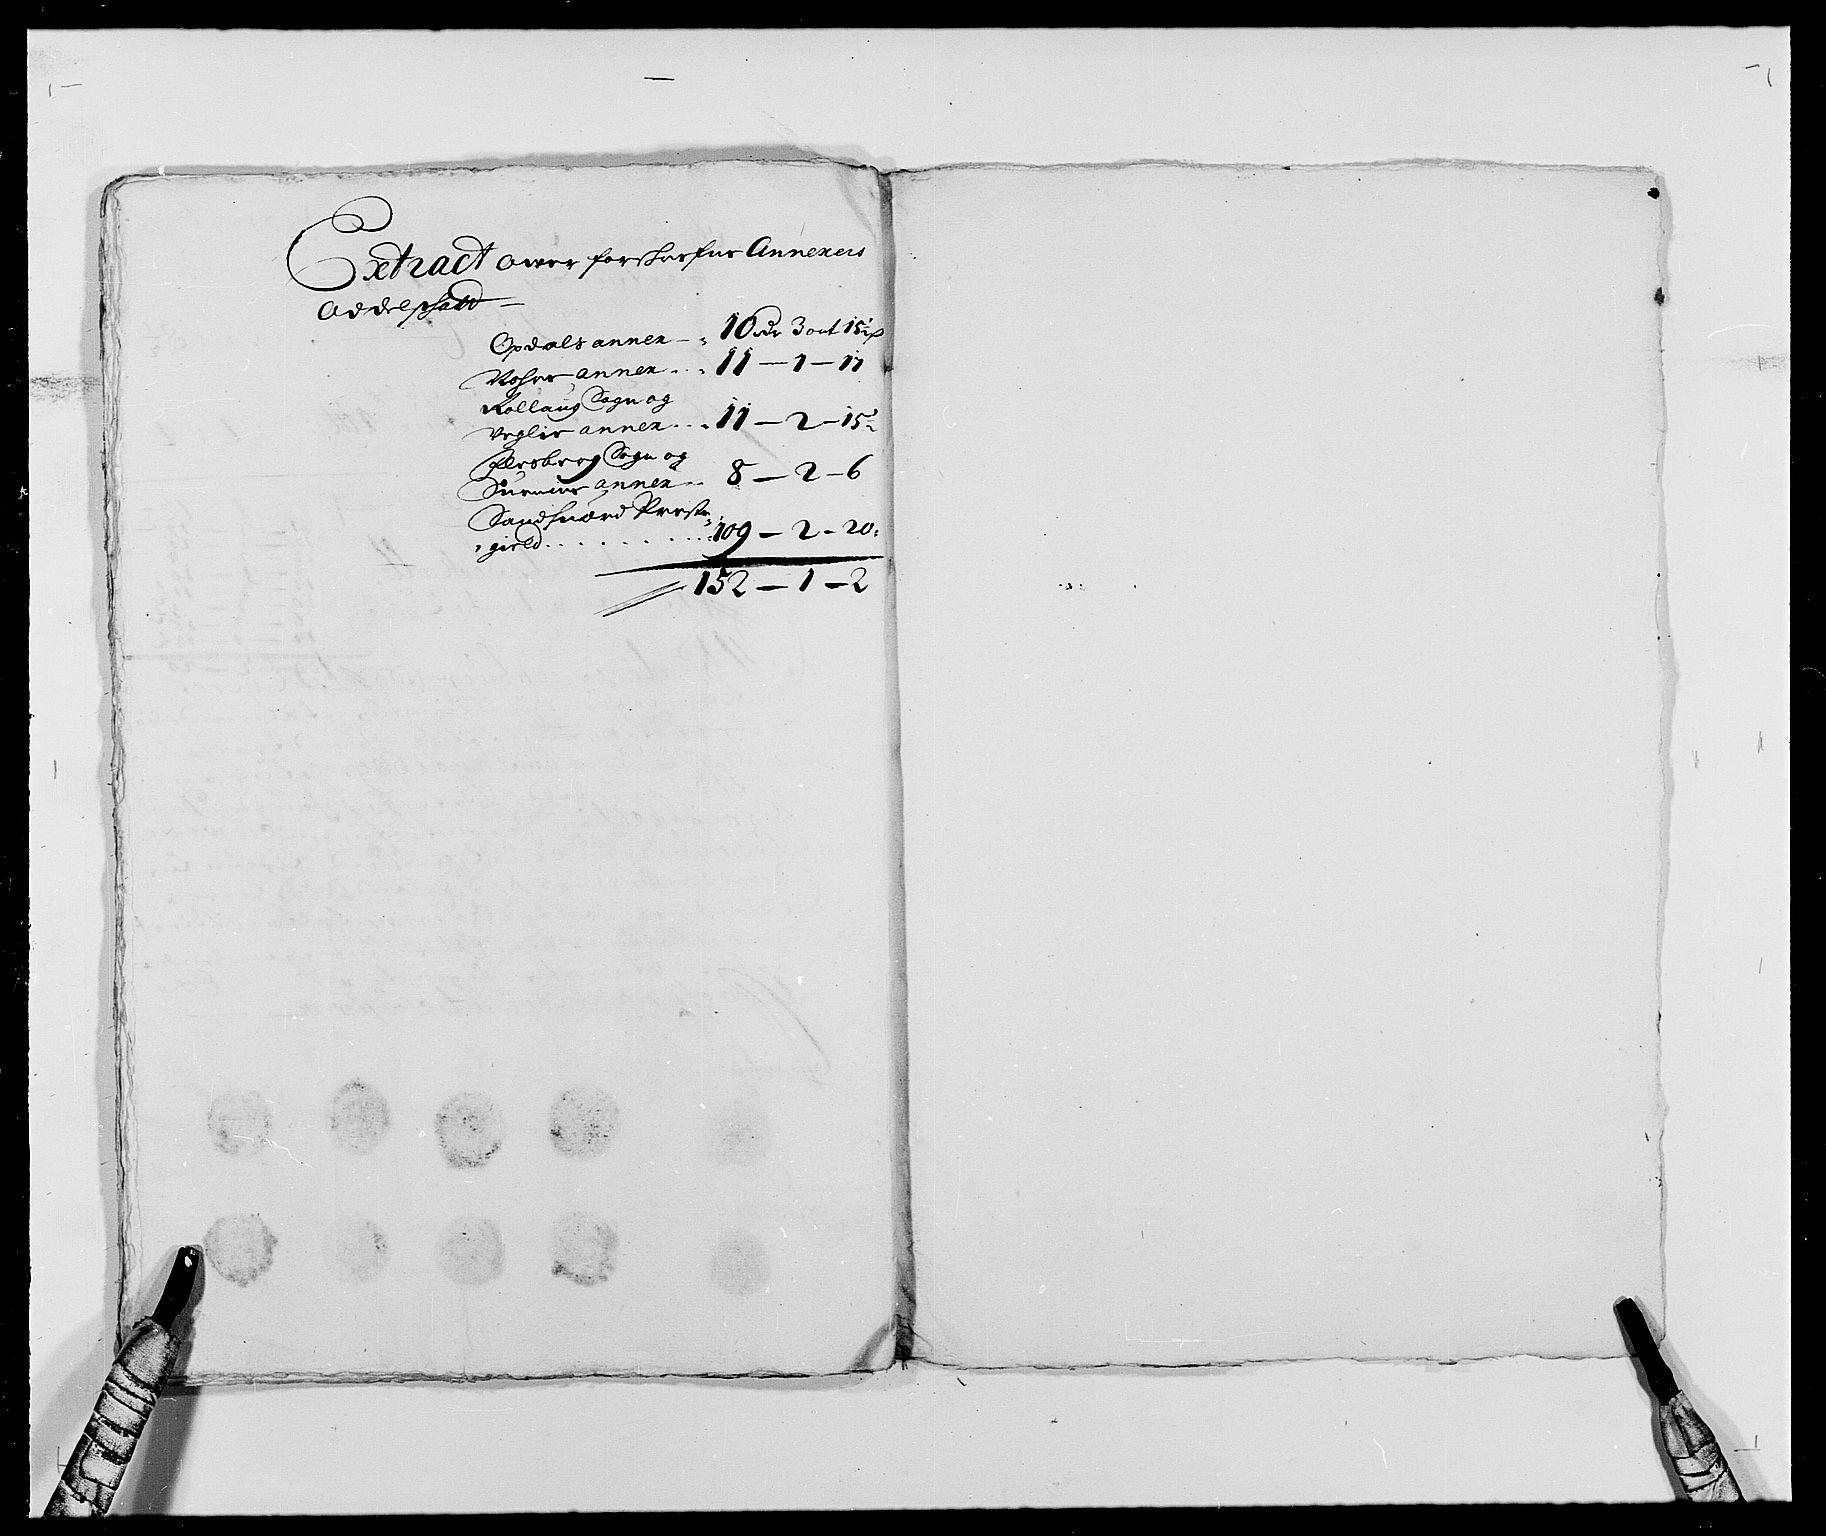 RA, Rentekammeret inntil 1814, Reviderte regnskaper, Fogderegnskap, R24/L1573: Fogderegnskap Numedal og Sandsvær, 1687-1691, s. 396